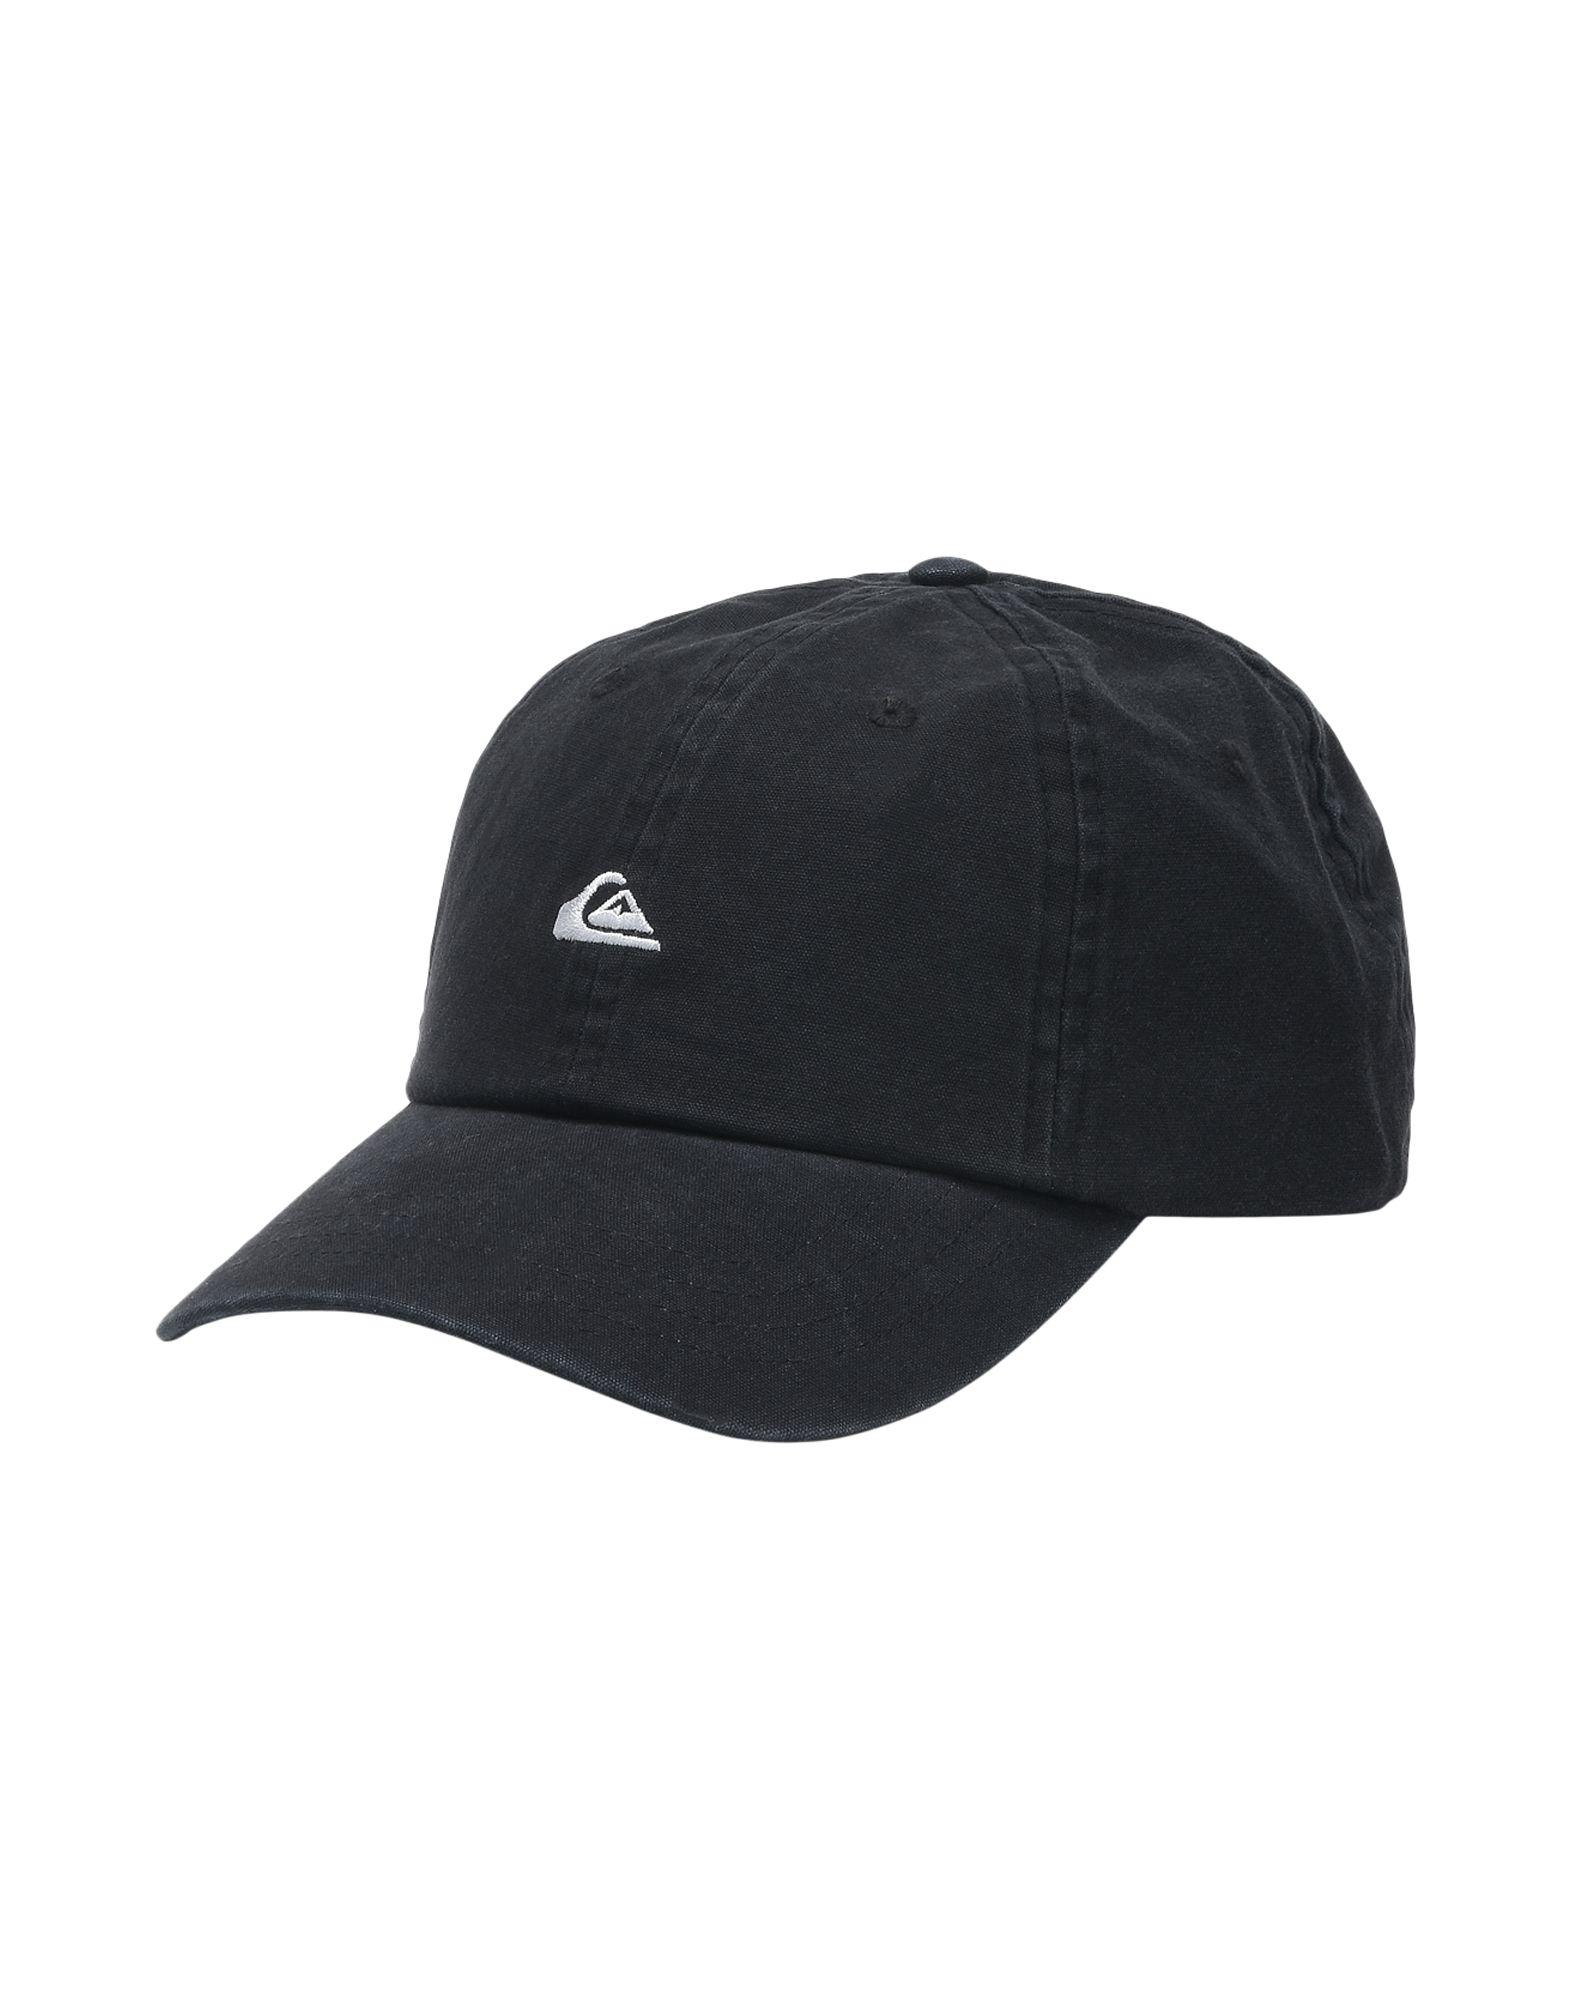 《送料無料》QUIKSILVER メンズ 帽子 ブラック one size コットン 100% QS Cappellino Papa Cap